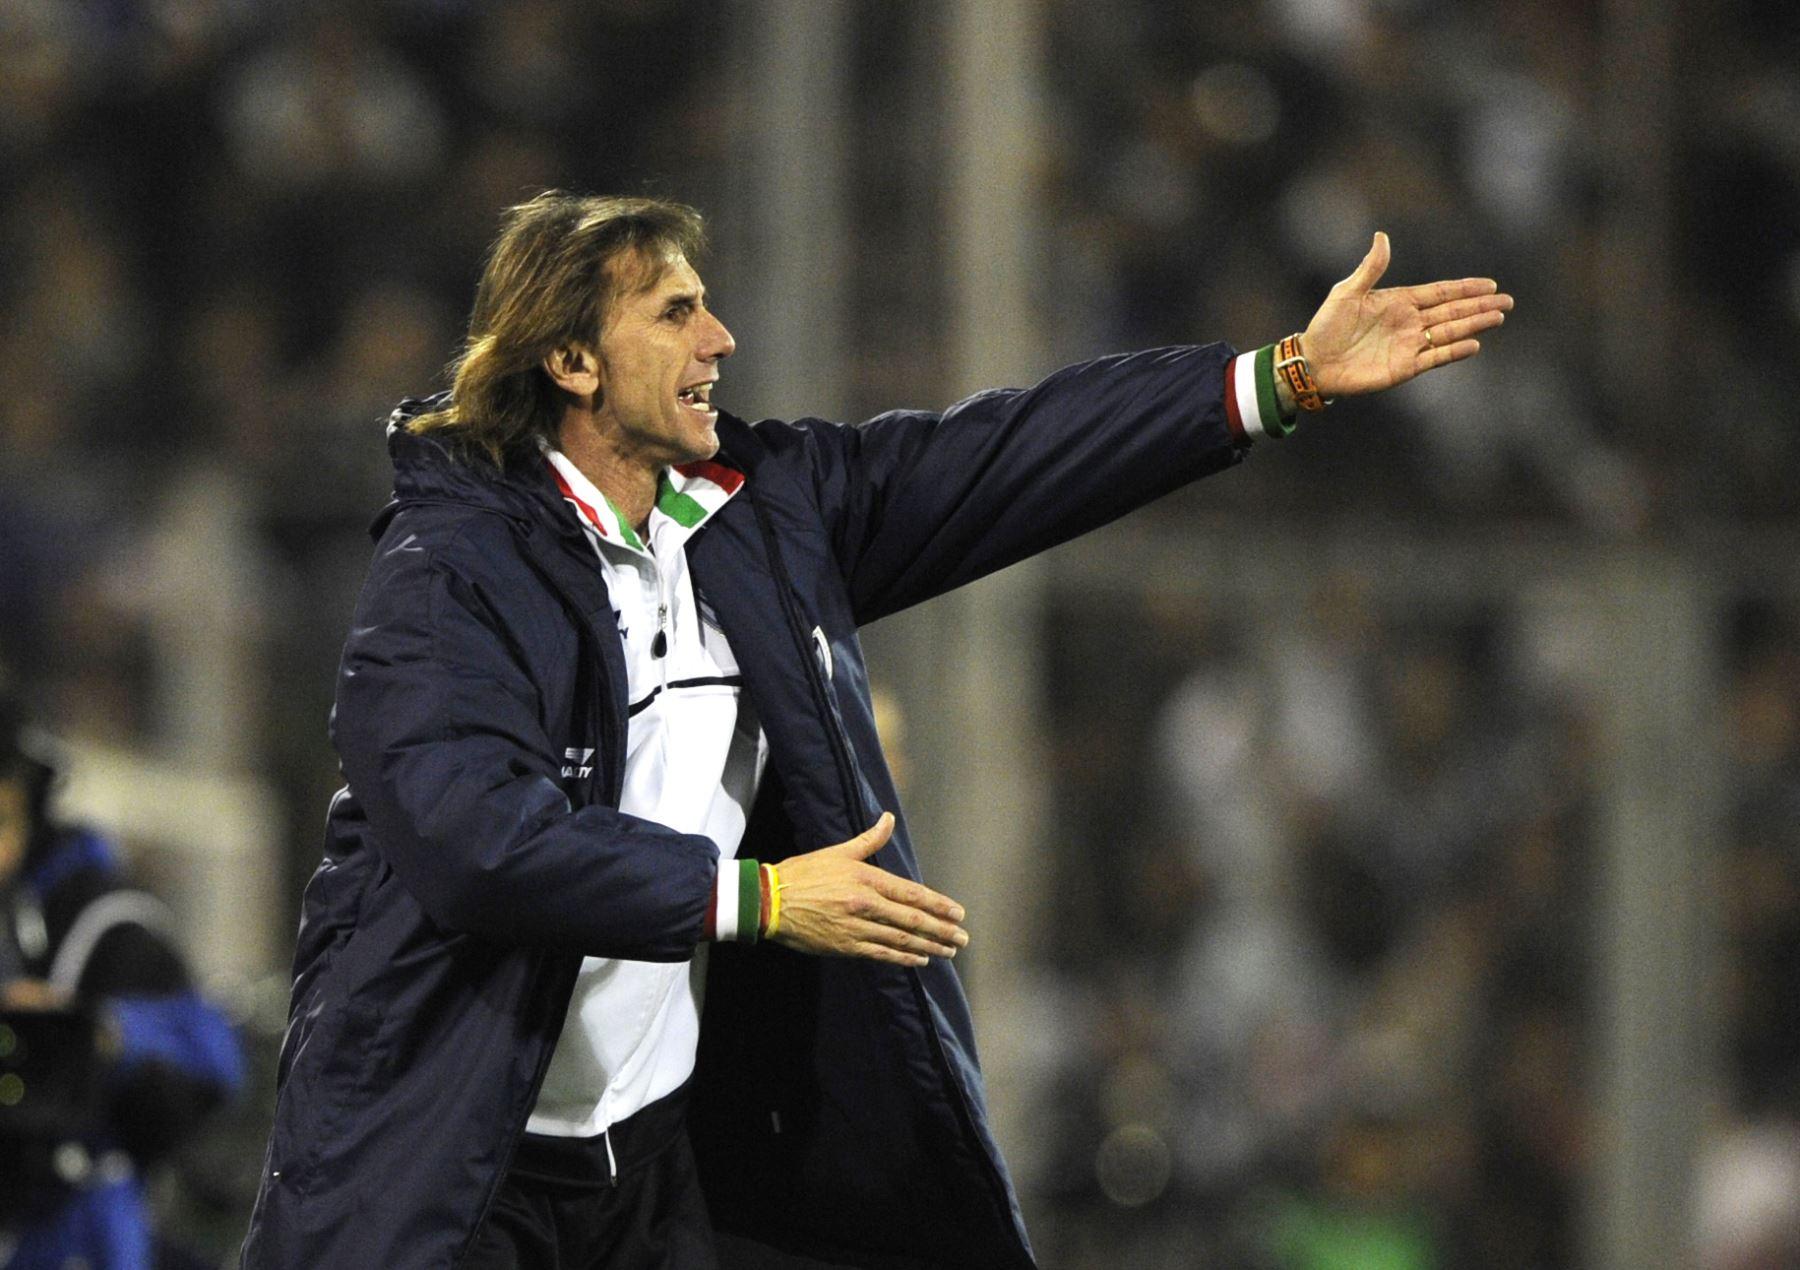 Gareca fue  entrenador  de Vélez Sarsfield del 2009 al 2013, llevando a su equipo hasta semifinales de la Copa Libertadores en 2011 y ganando varios torneos nacionales. Foto: AFP